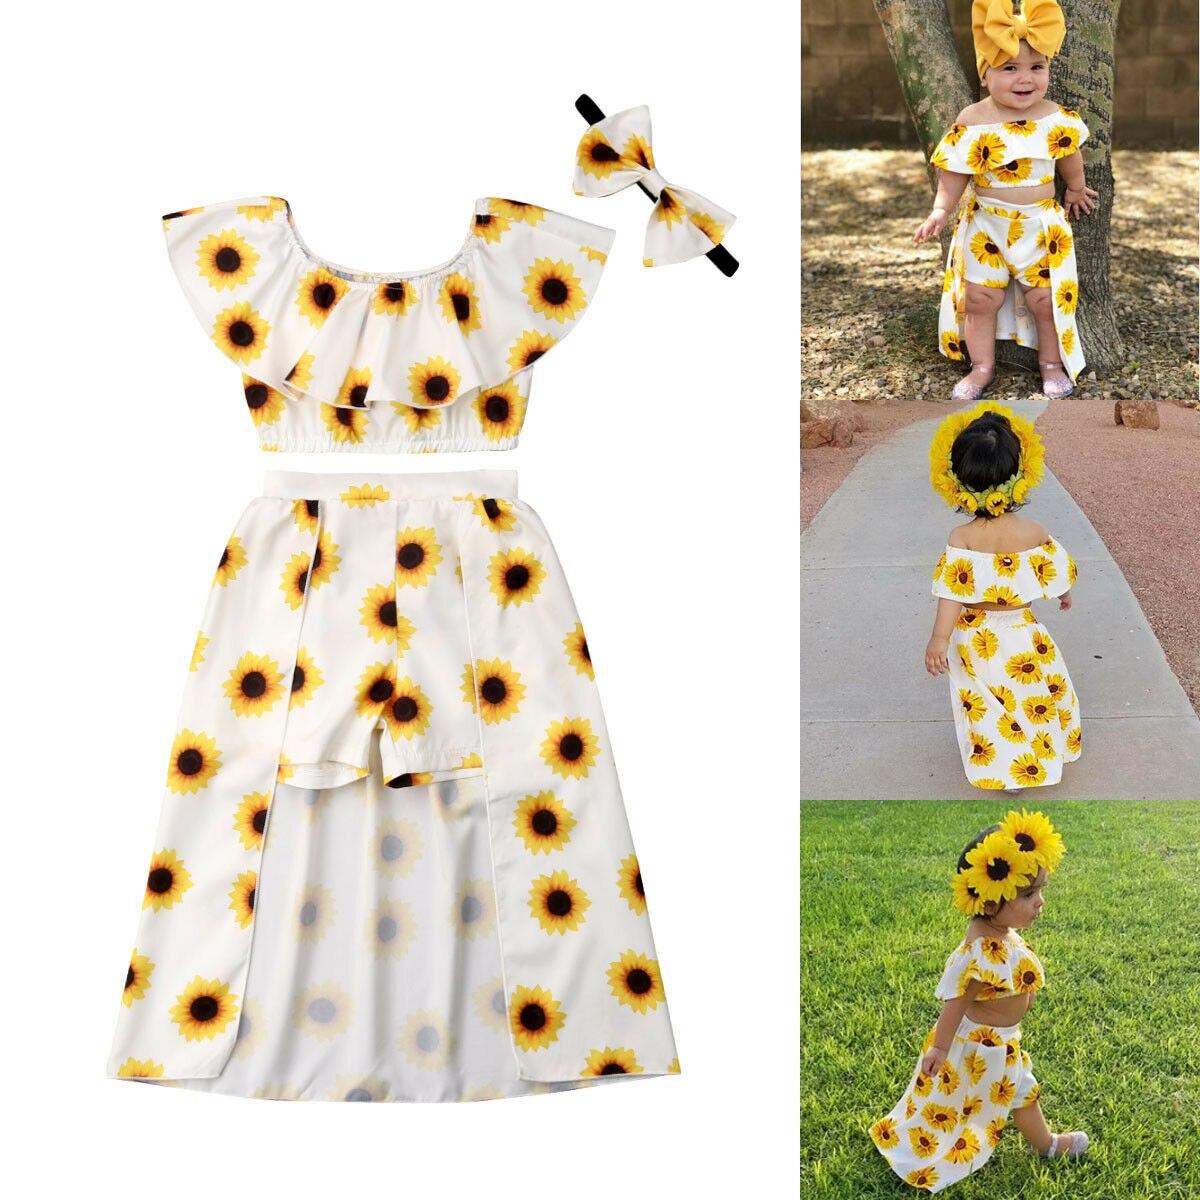 USA Summer Kids Baby Girl Sunflower Crop Tops Shorts Dress 3PCS Outfits Sunsuit